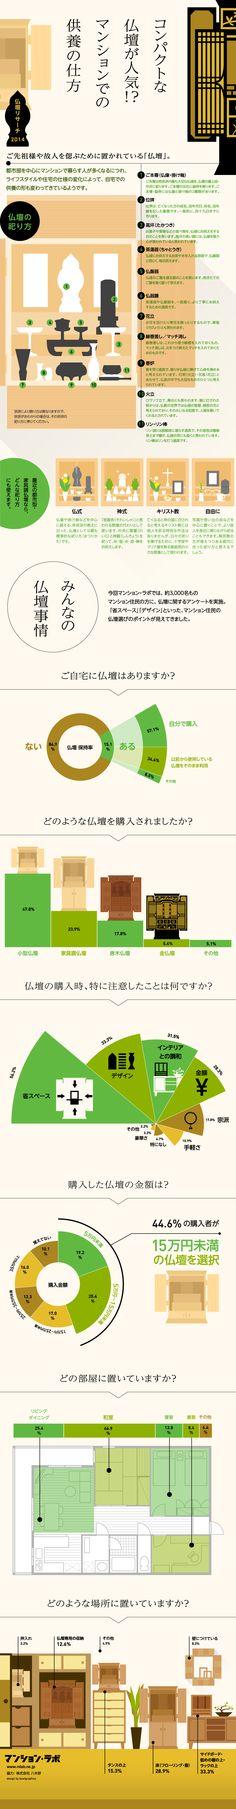 マンションの仏壇に関するアンケート2014 | マンション・ラボ http://www.mlab.ne.jp/infographic/infographic_01/